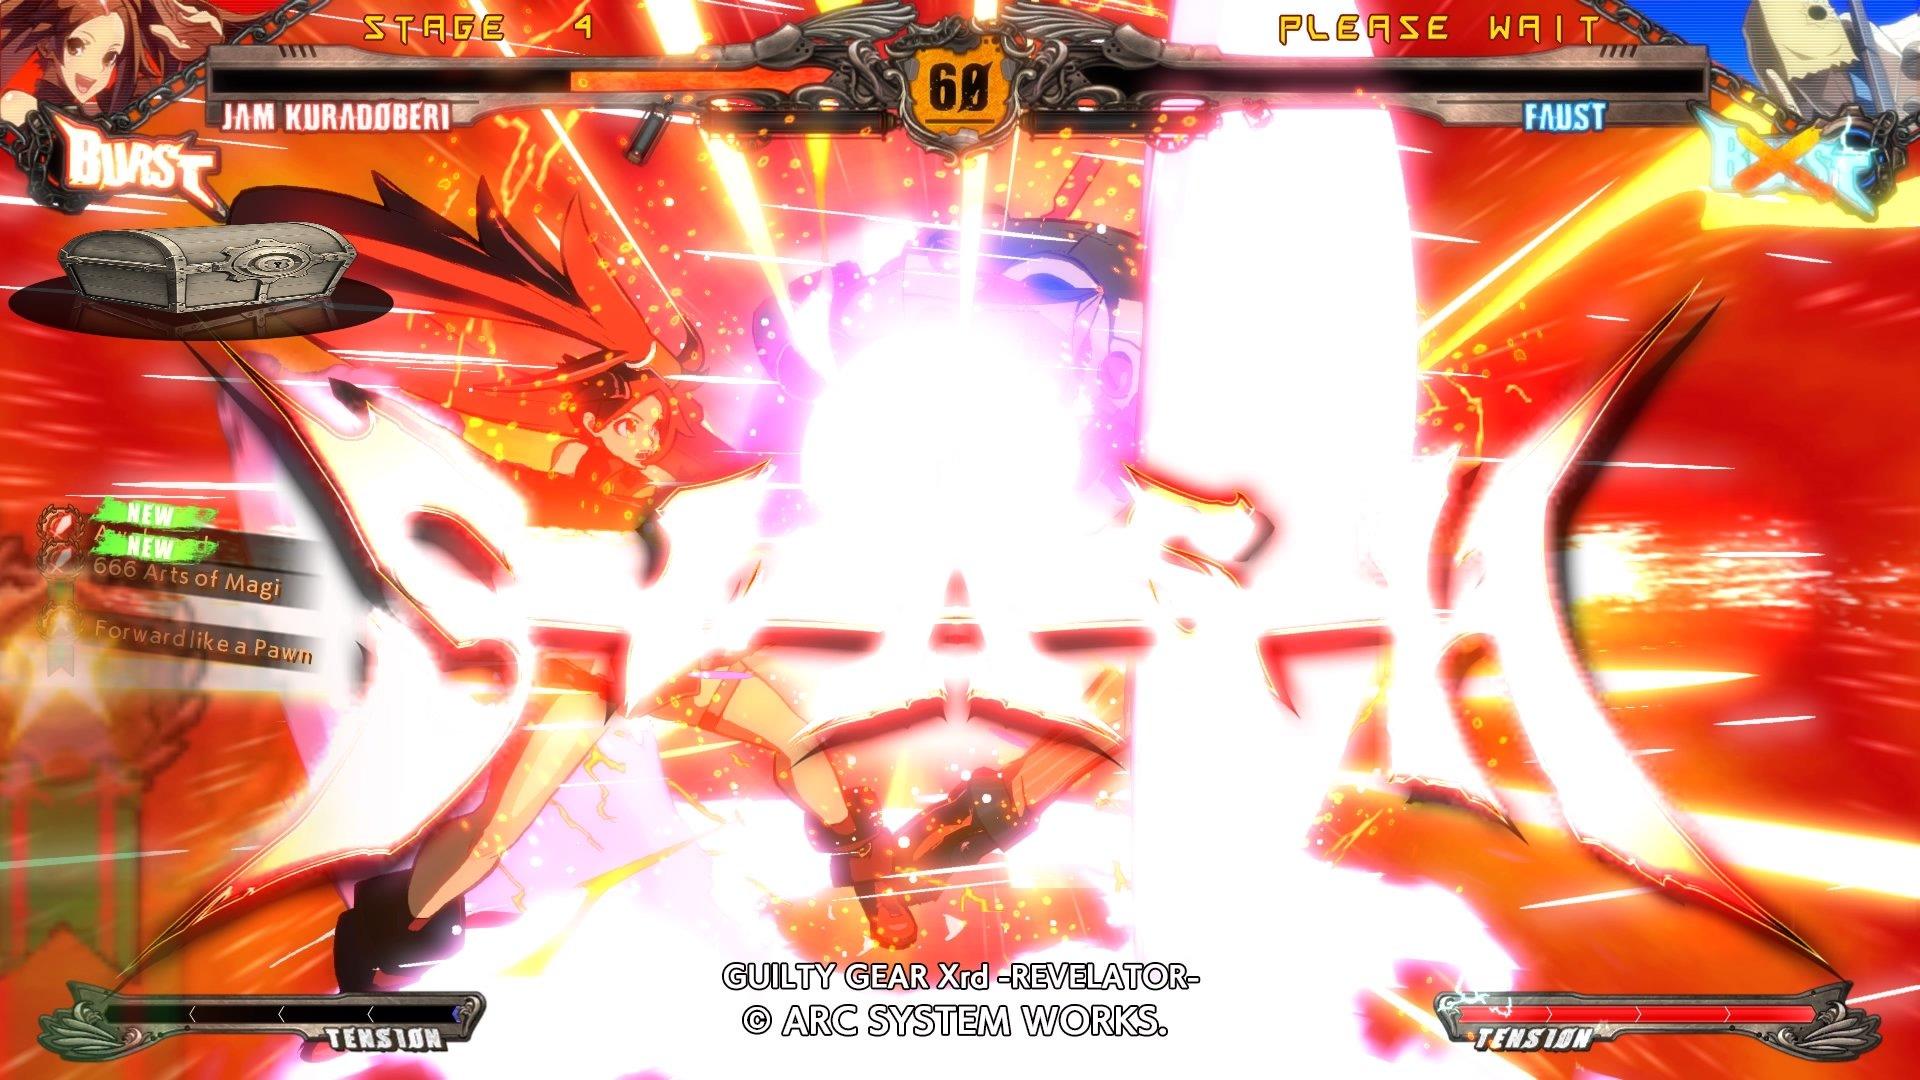 GuiltyGearXrd-Revelator PS4 Test 060